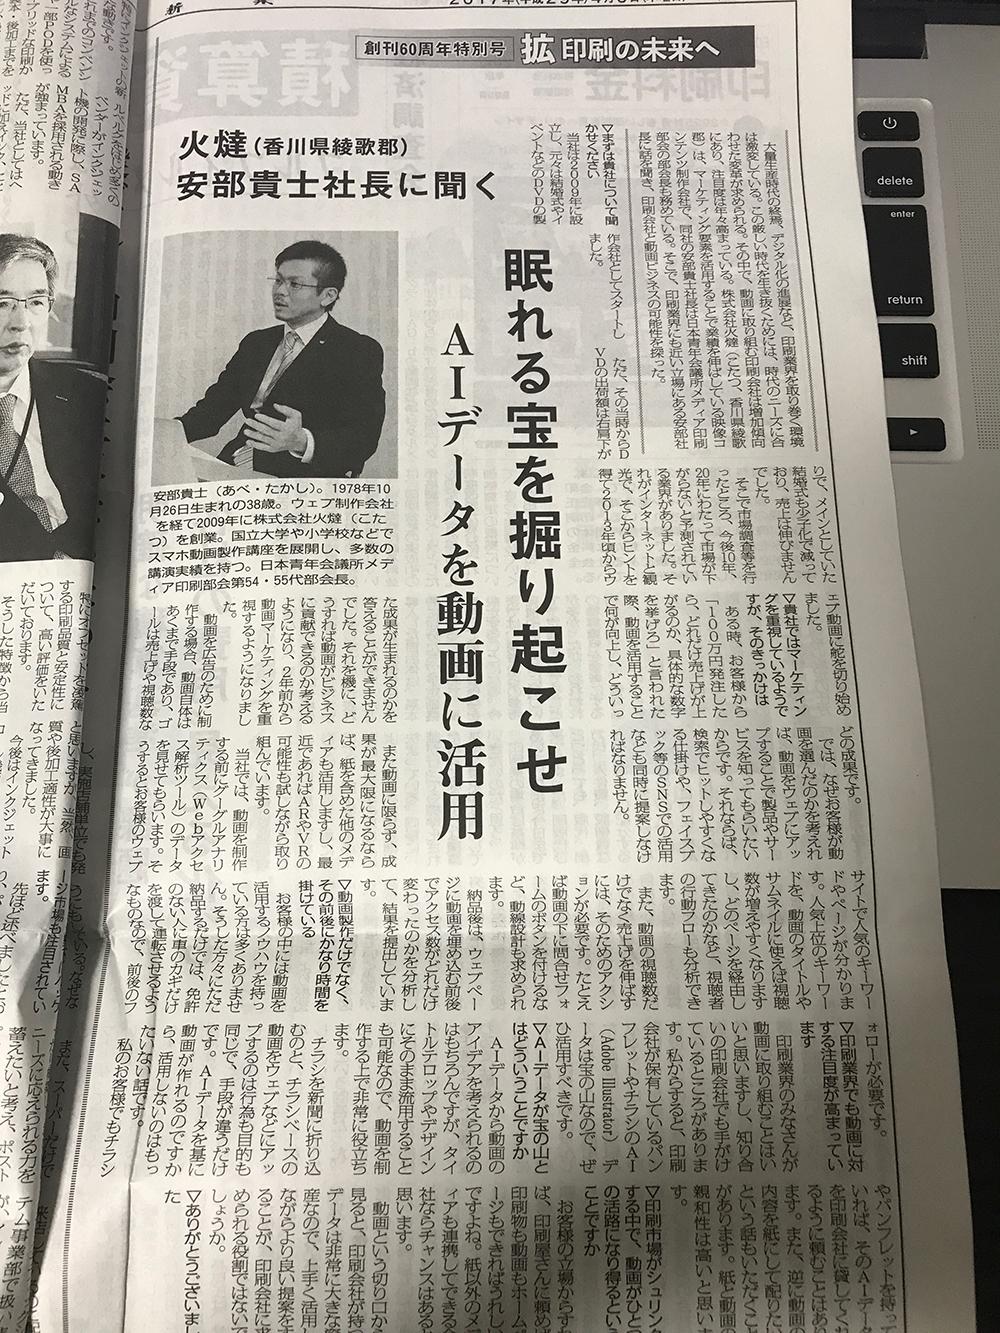 印刷系業界新聞『印刷新報』の取材に答えている火燵代表の安部